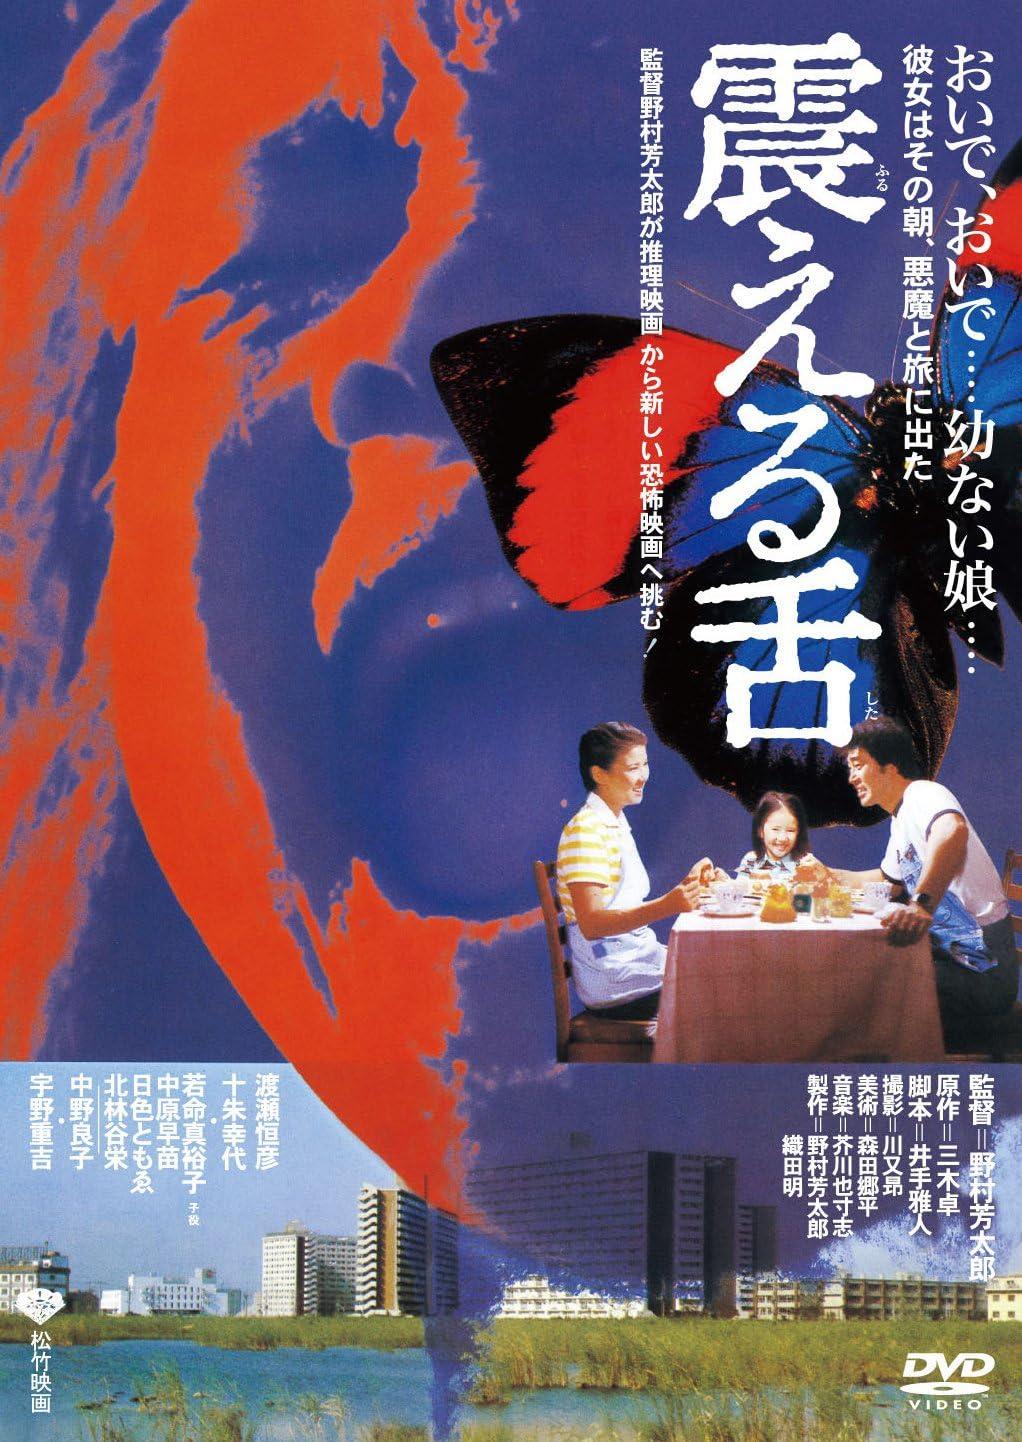 おすすめホラー映画15『震える舌』